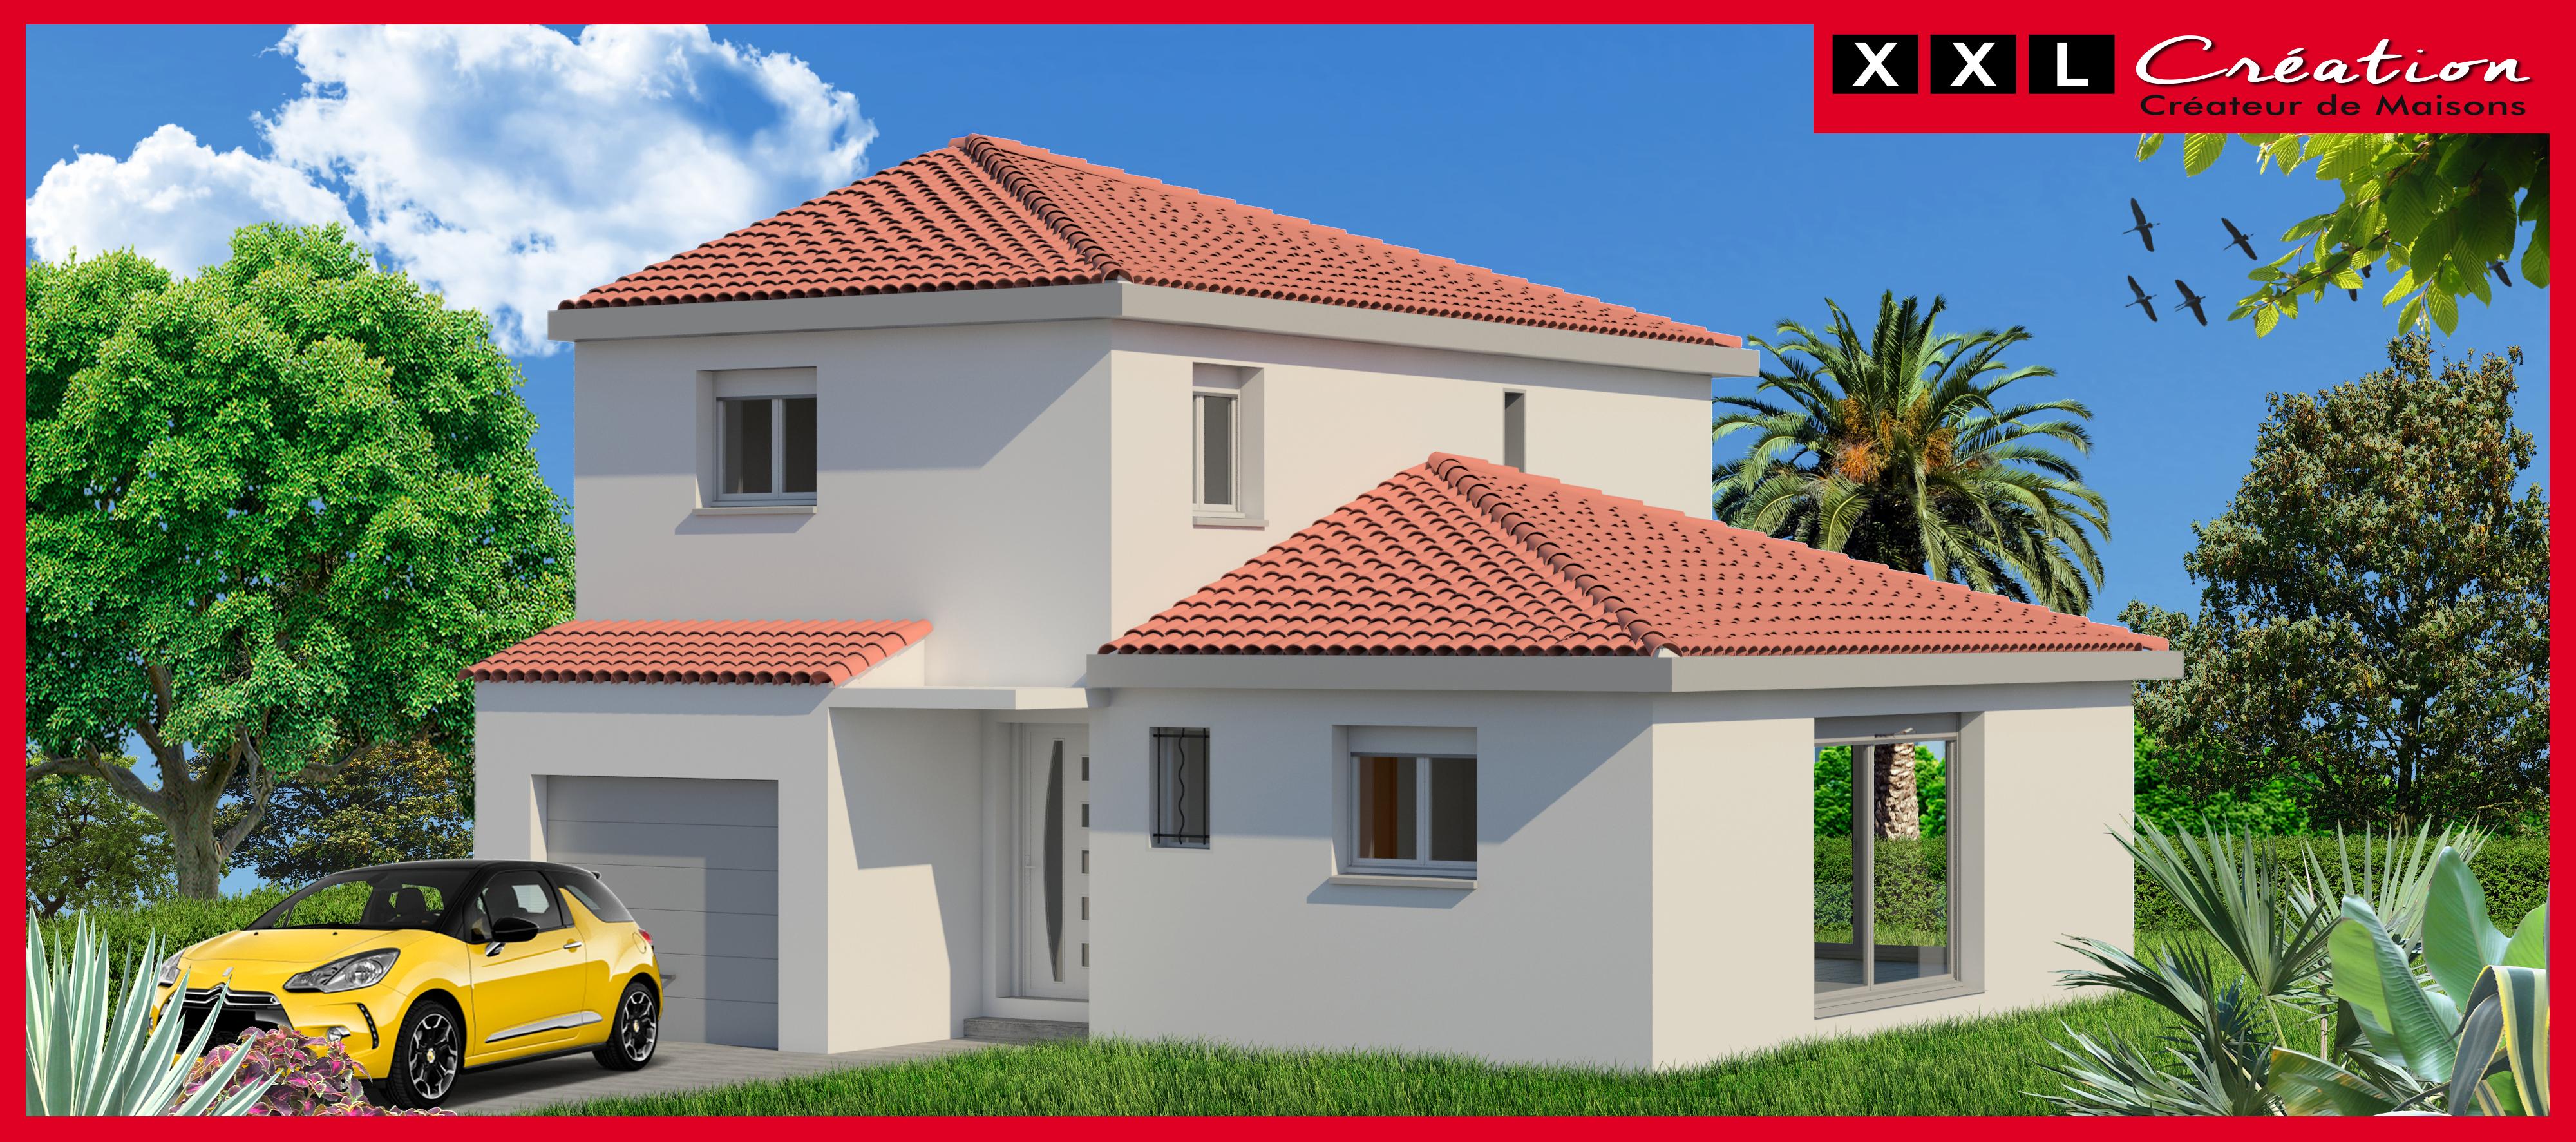 Maisons + Terrains du constructeur XXL CREATION • 90 m² • CORNEILLA LA RIVIERE